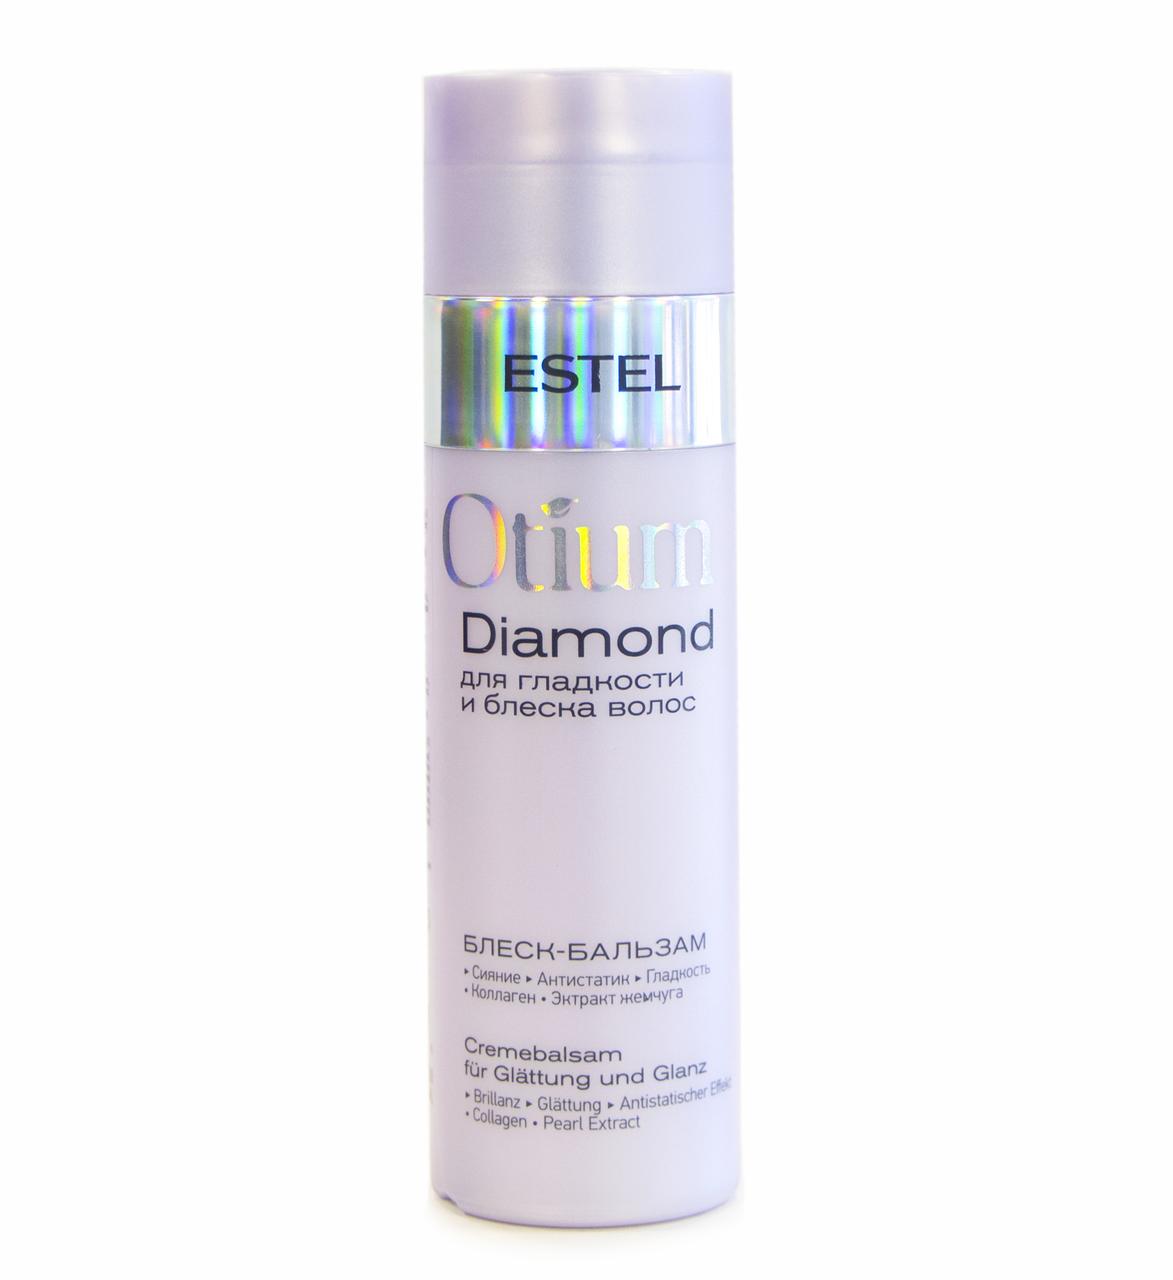 OTIUM DIAMOND - блеск-бальзам для гладкости и сияния волос